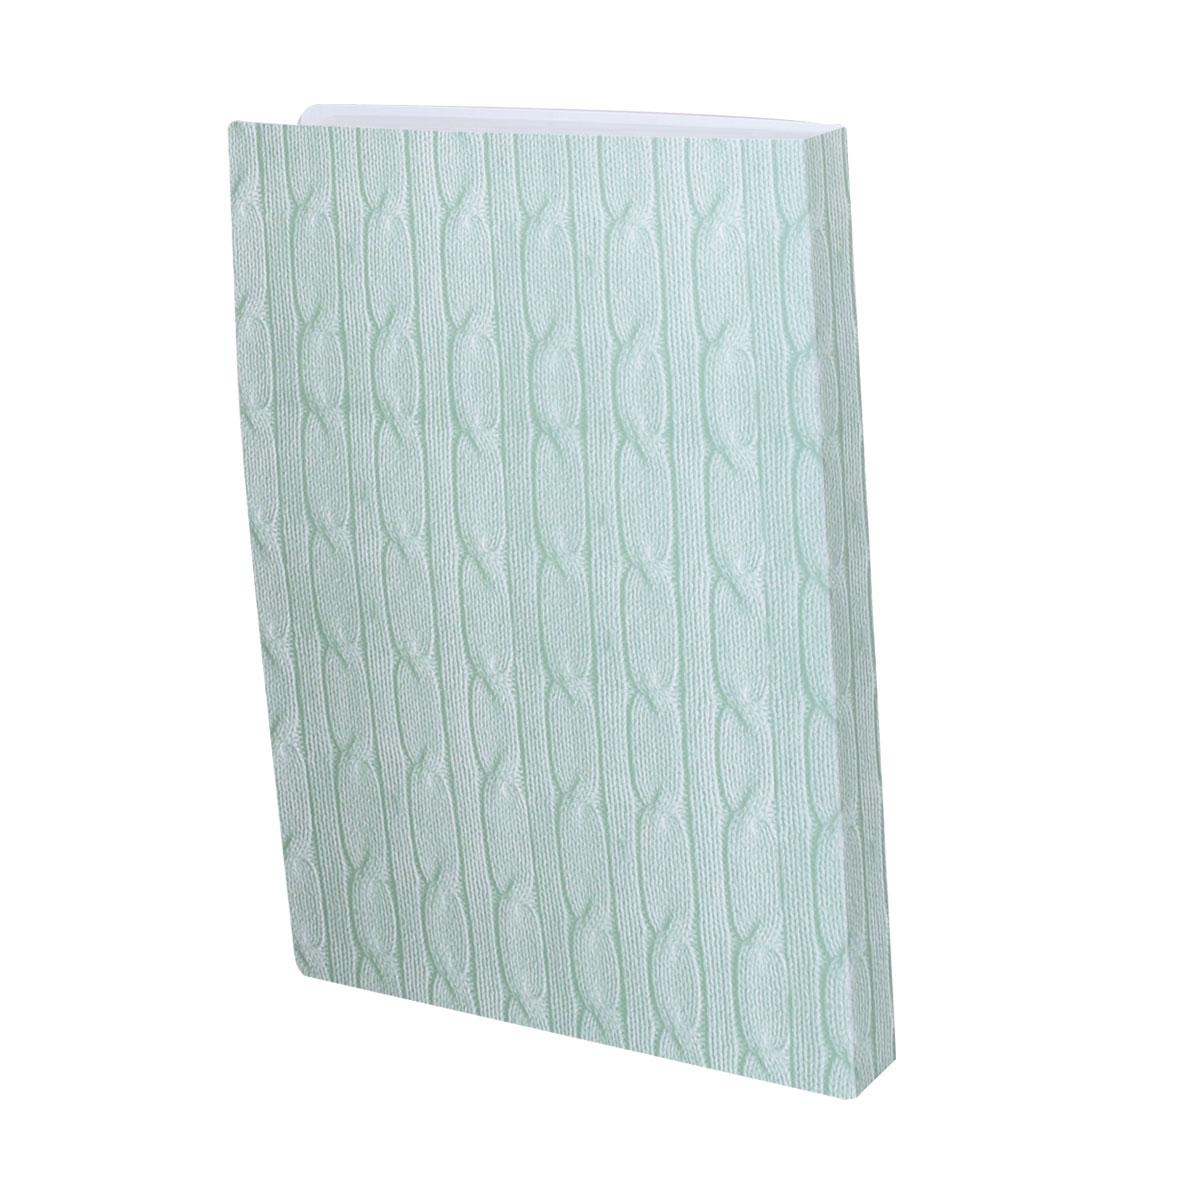 ملف شفاف لحفظ الاوراق - سعة 40 ورقة - رقم 20482 من ماي مارت